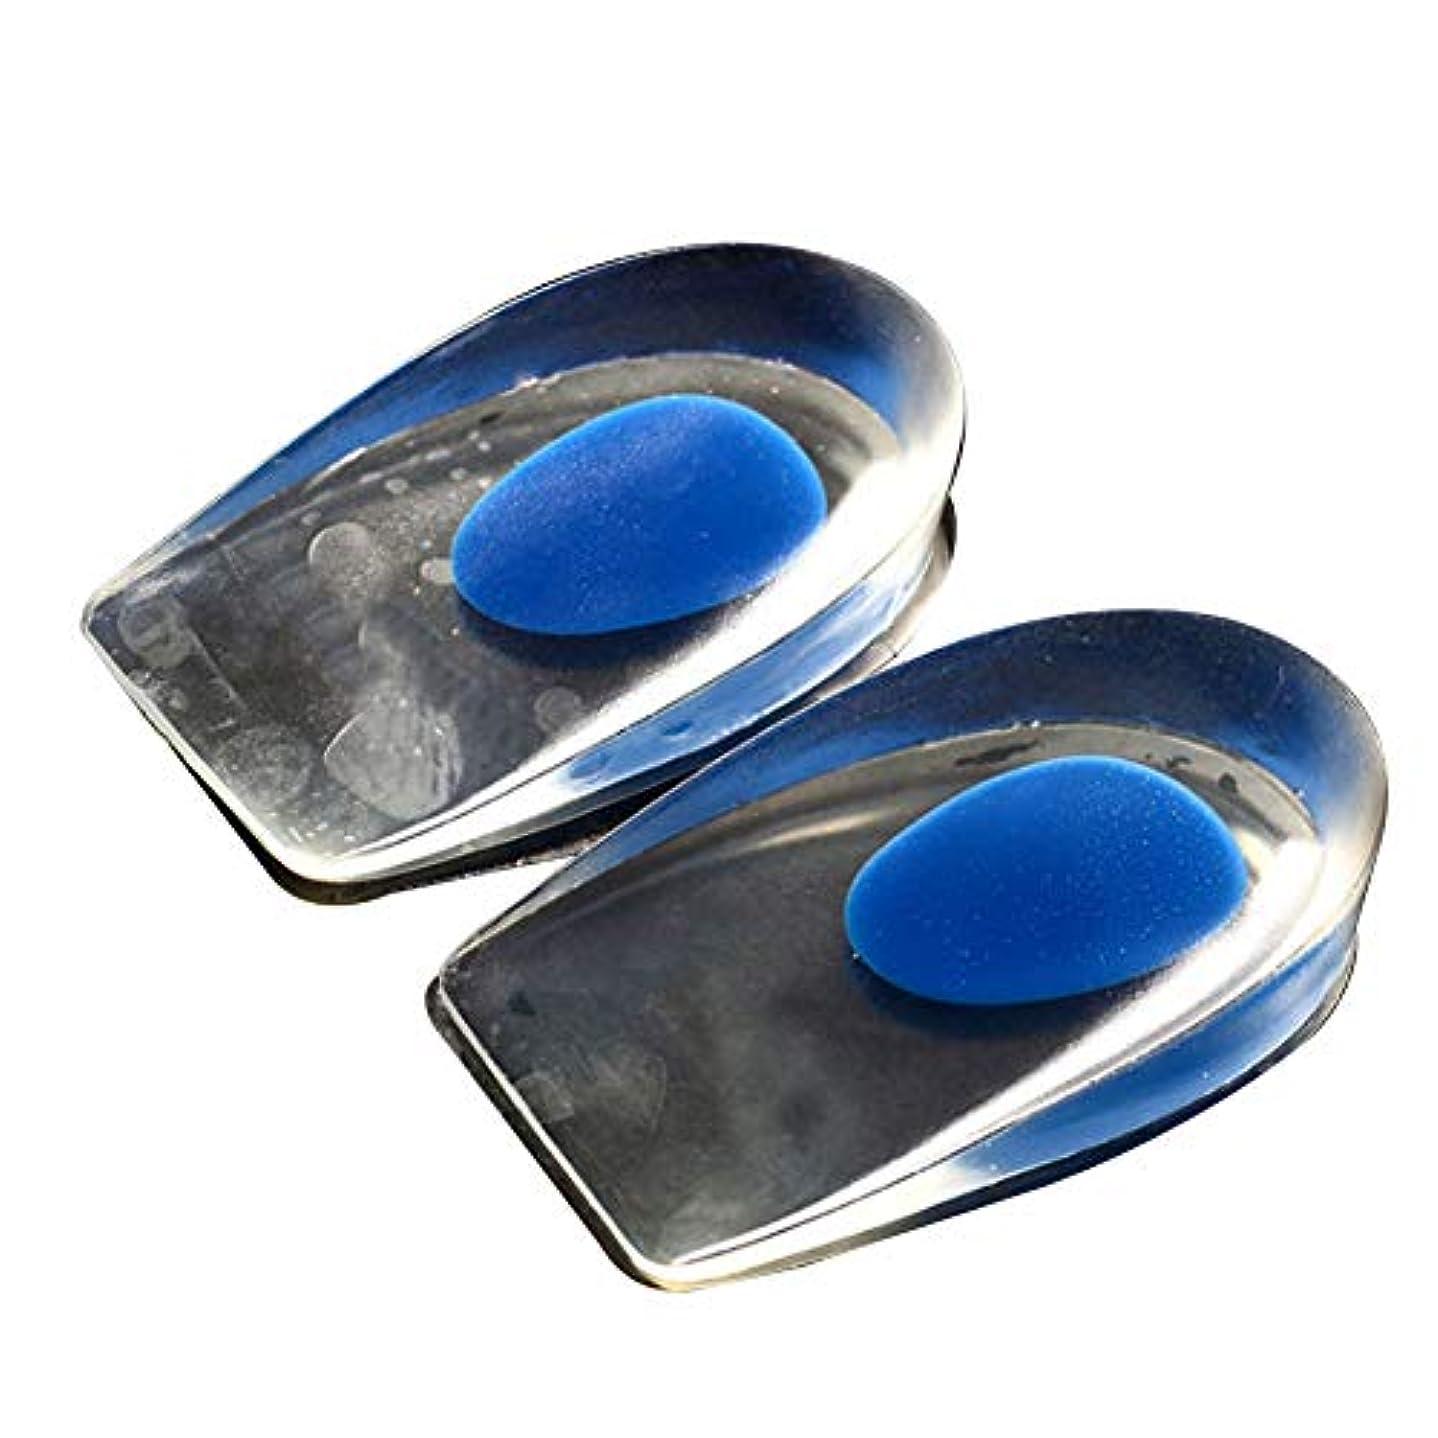 羨望フライカイトヒップHappysource 足用保護パッド1ペアジェルヒールカップ足底筋膜炎は、骨の拍車の痛みを軽減するためのシリコンヒールカップパッド